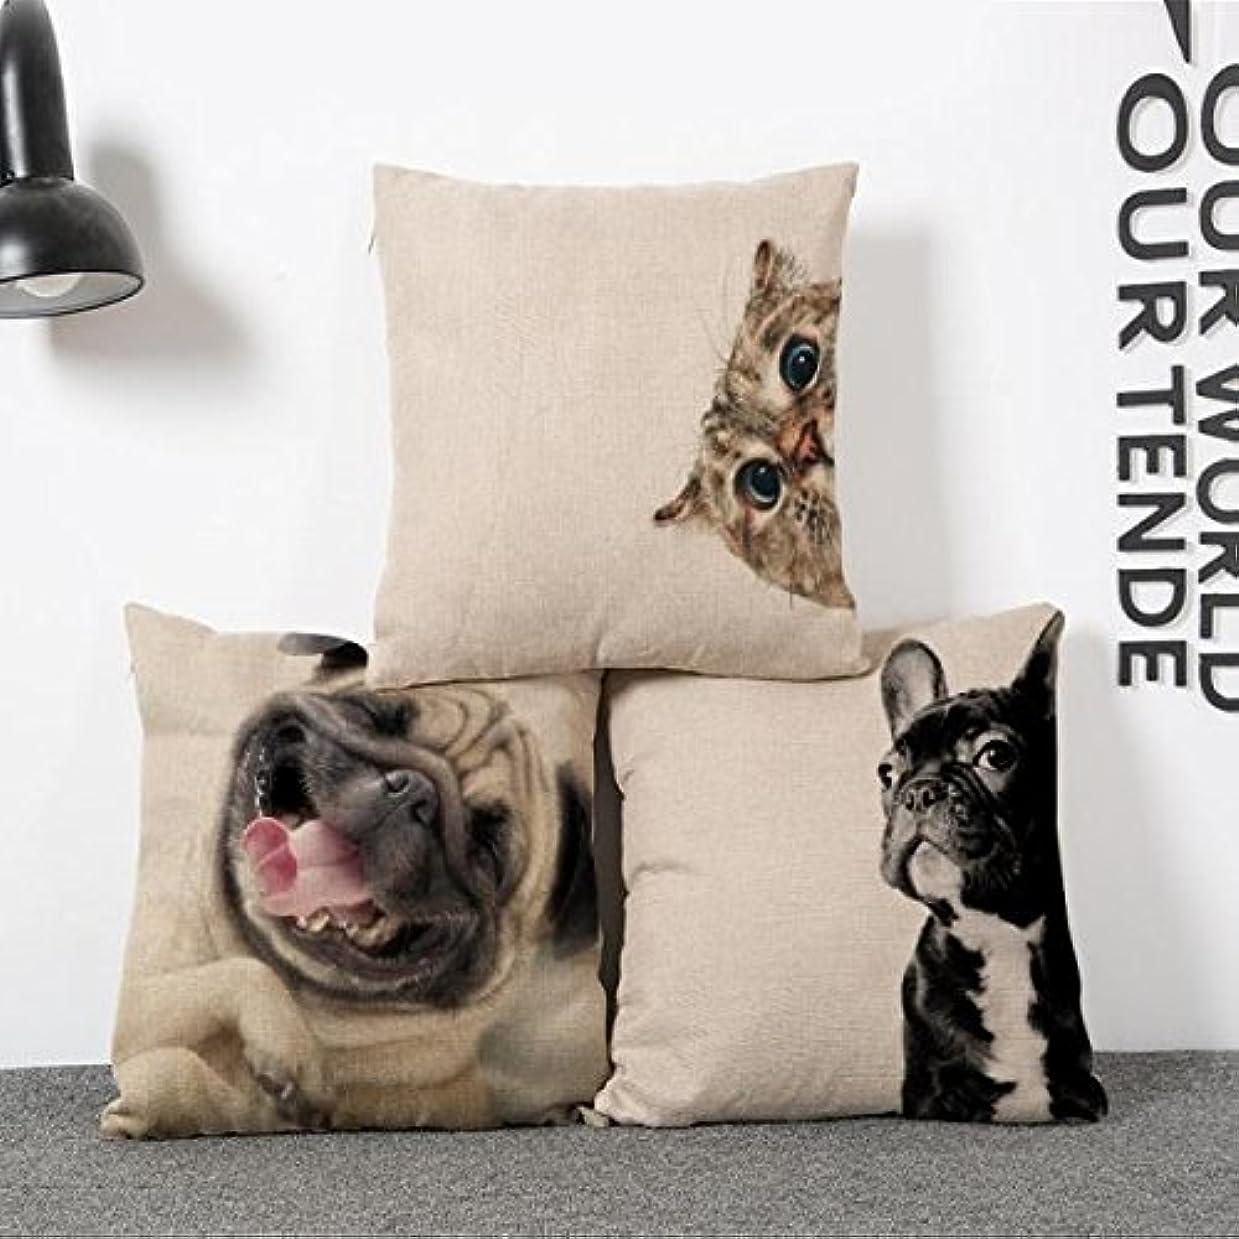 上院バングラデシュするクッションカバー 枕カバー ベッド ソファ 装飾 45 * 45センチメートル 素敵 犬 コットン リネン